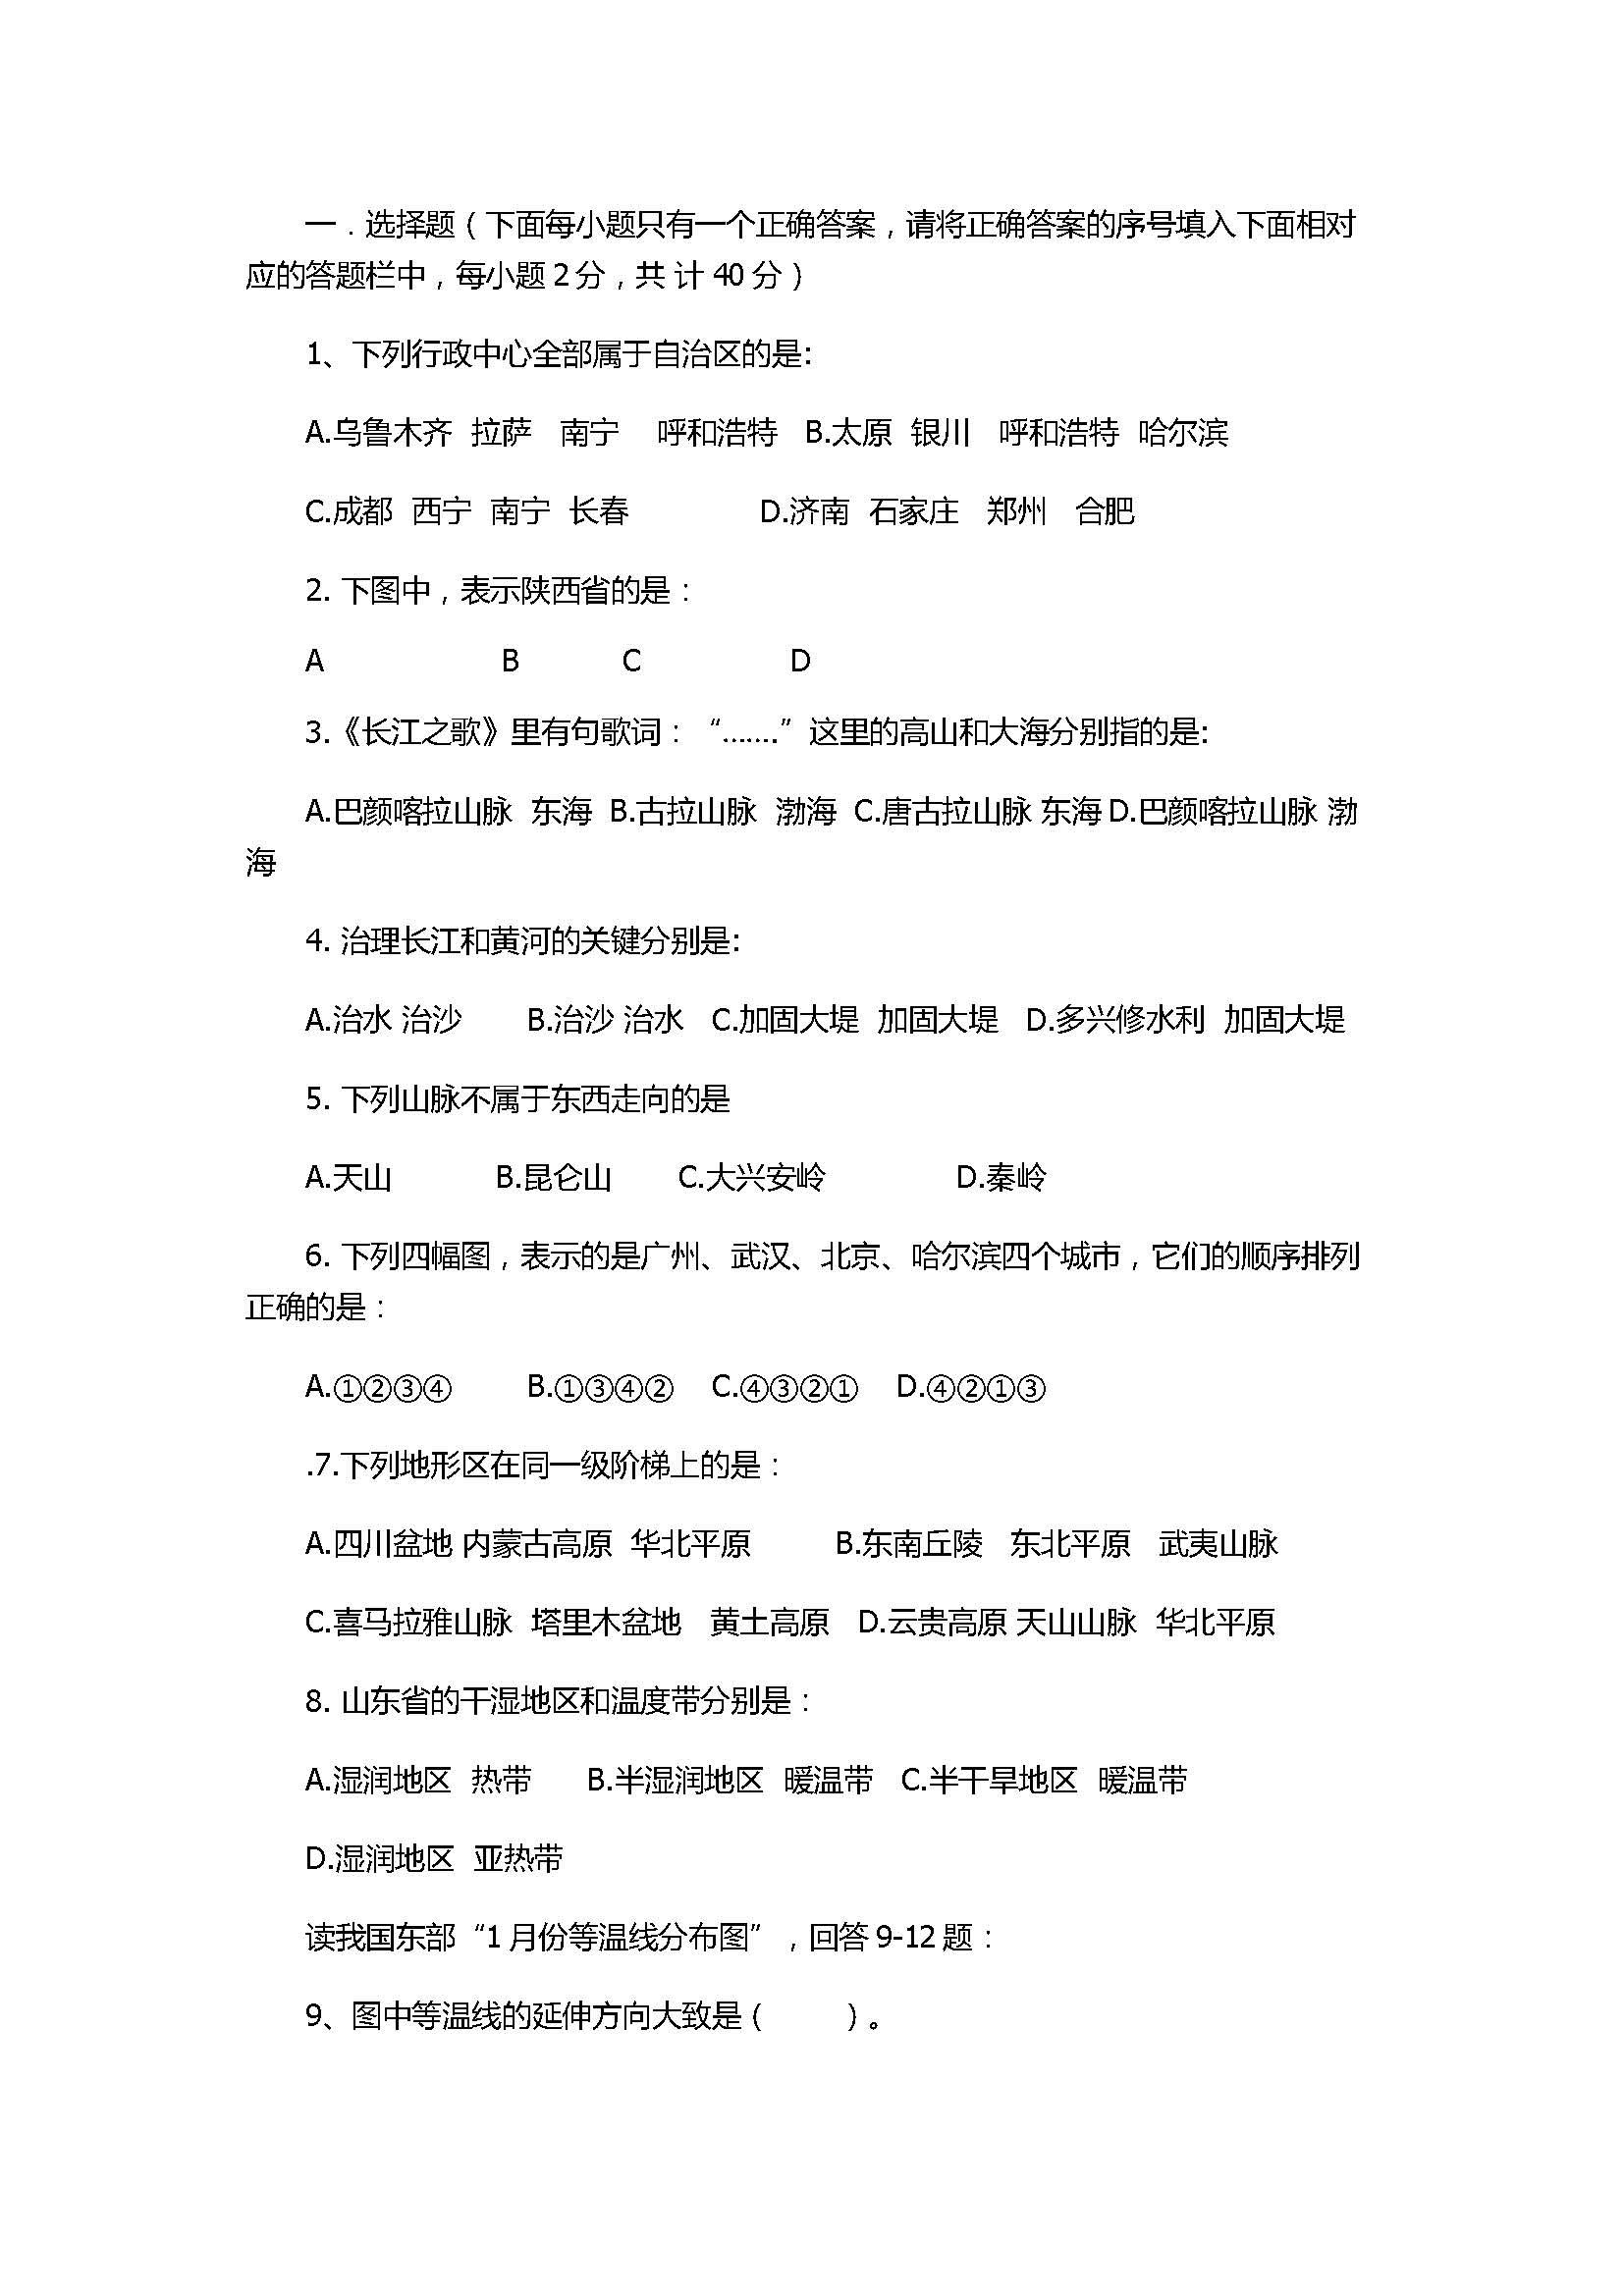 2017初二年级上册地理月考试题含参考答案(山东省莒县莒北八校)